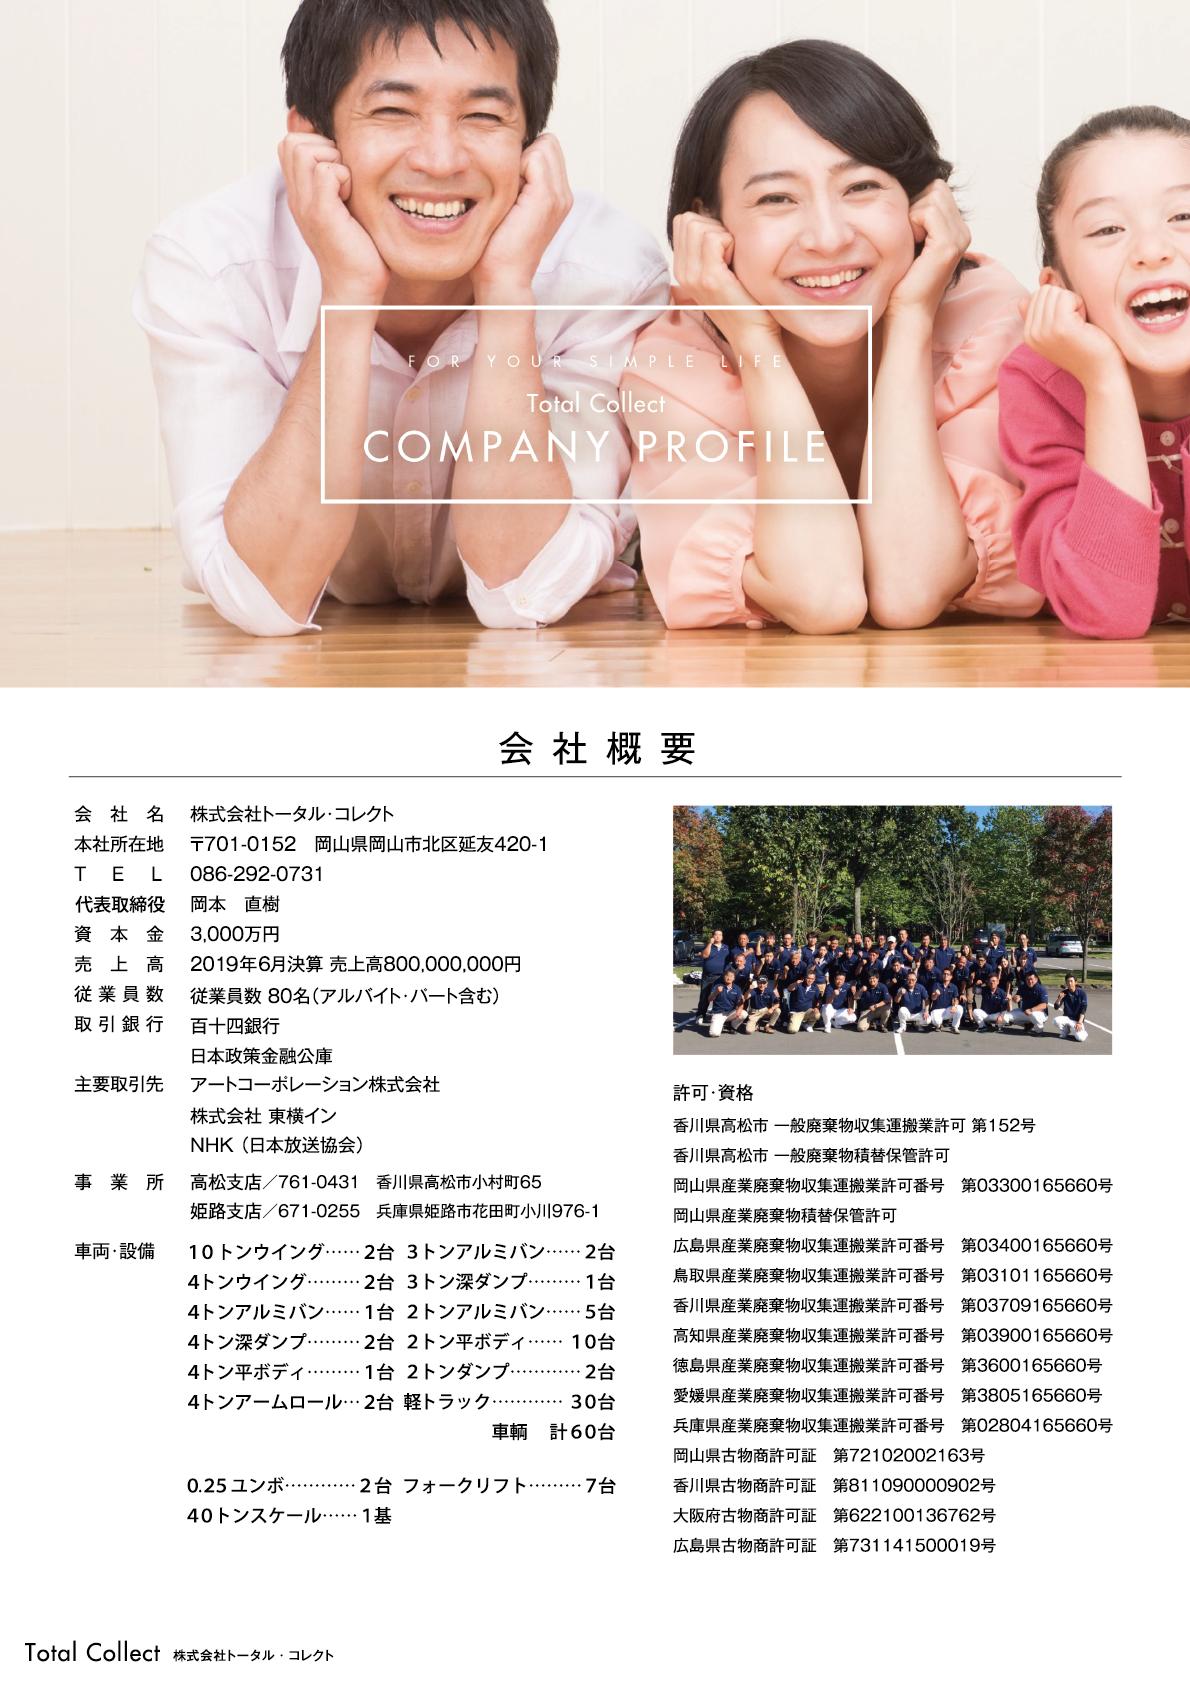 不用品回収の徳島からっぽサービスを運営する株式会社トータル・コレクトの会社概要パンフレット